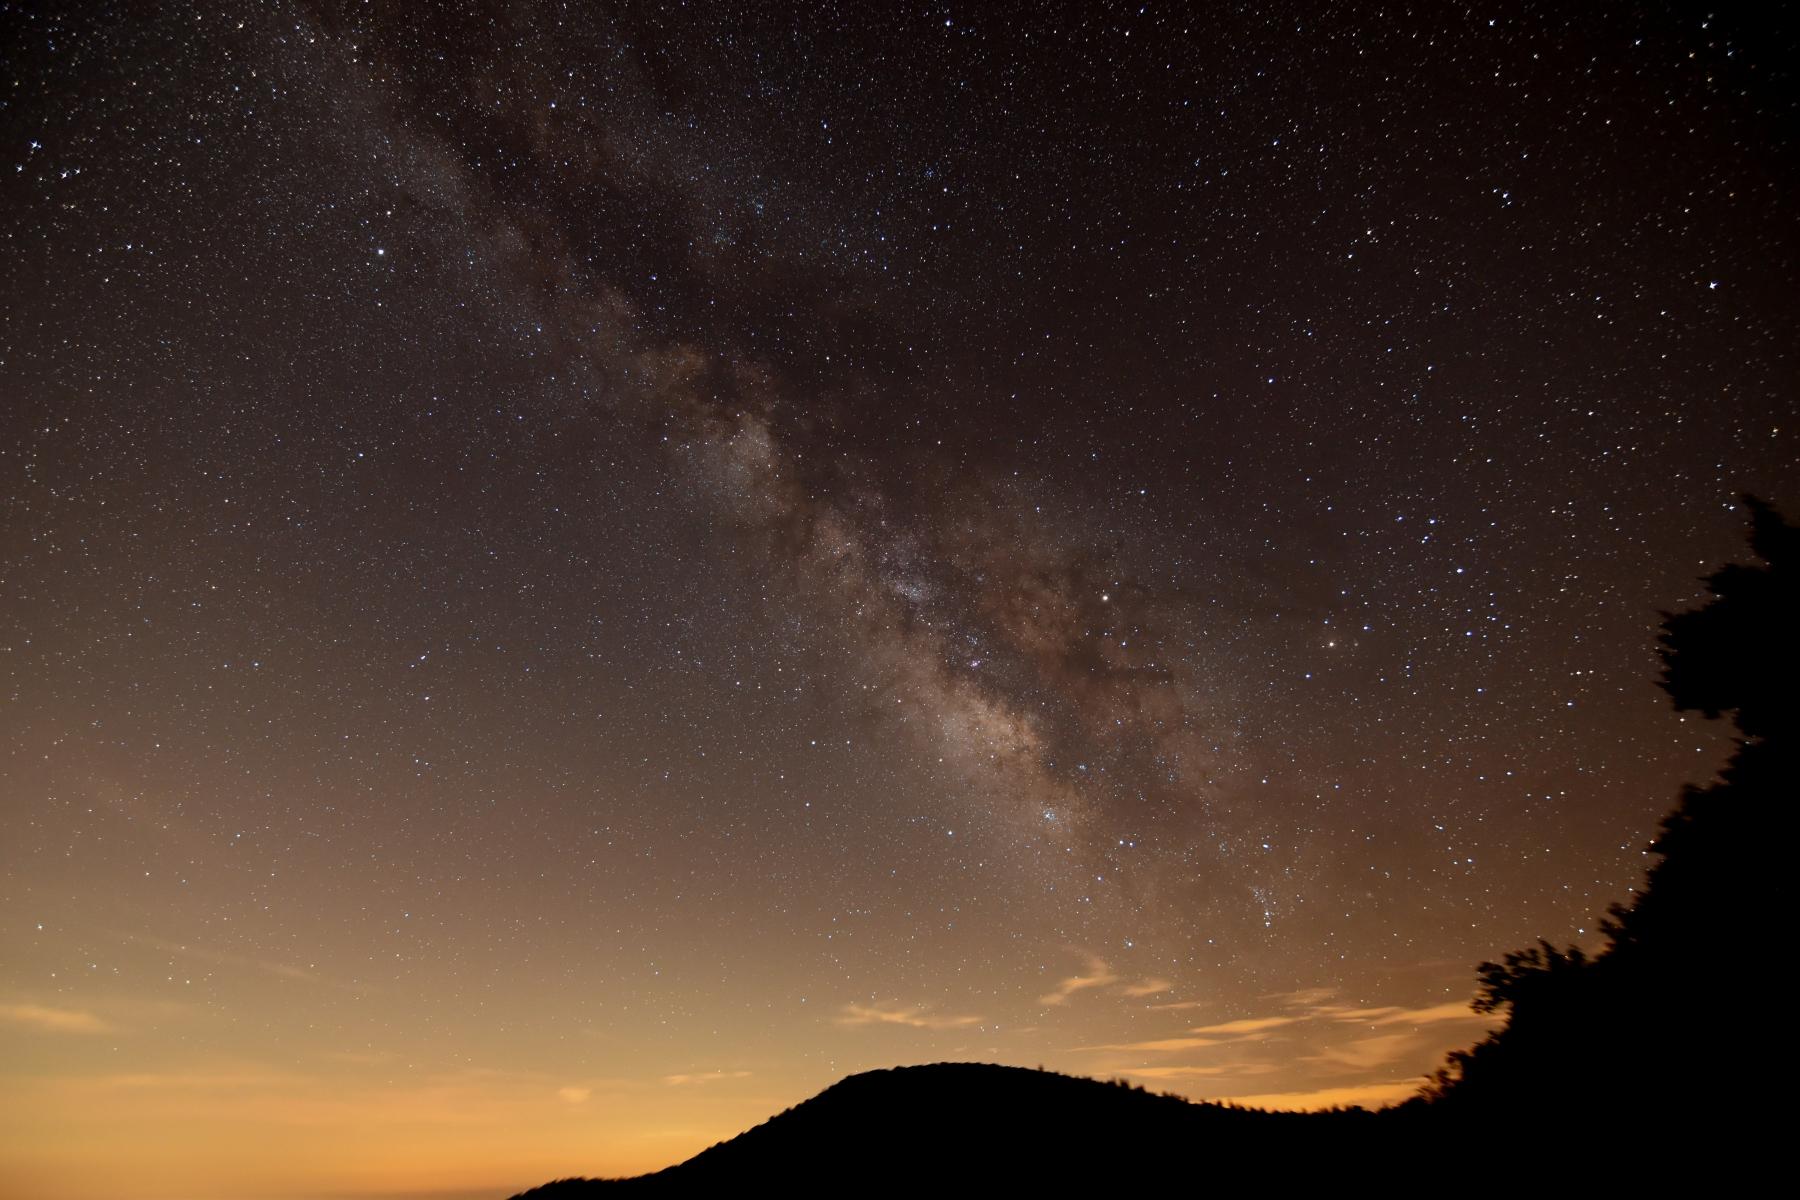 Milky Way over Blue Ridge Parkway